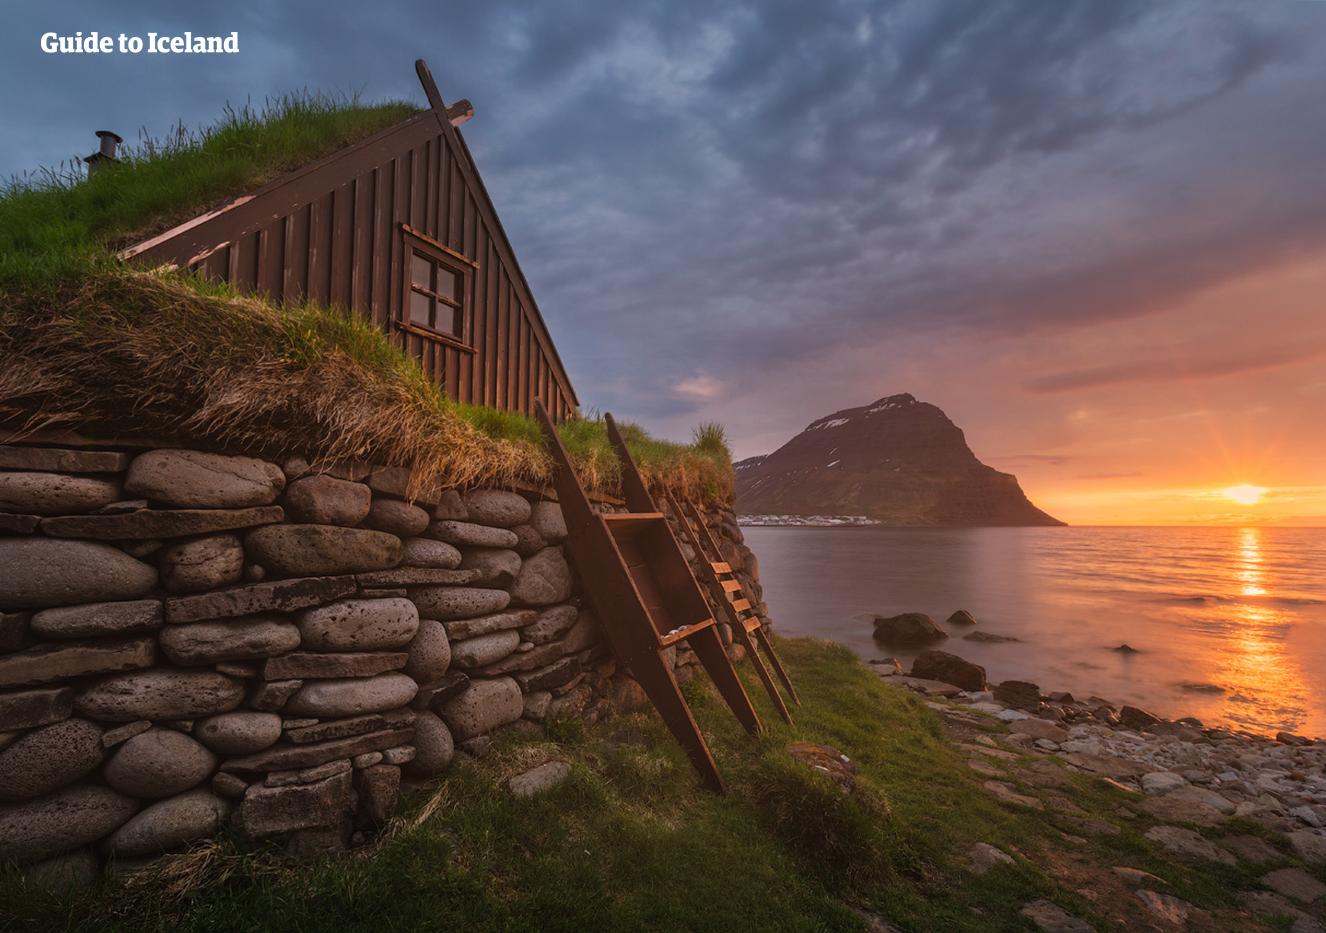 博隆加维克是冰岛西峡湾地区的一座小渔村